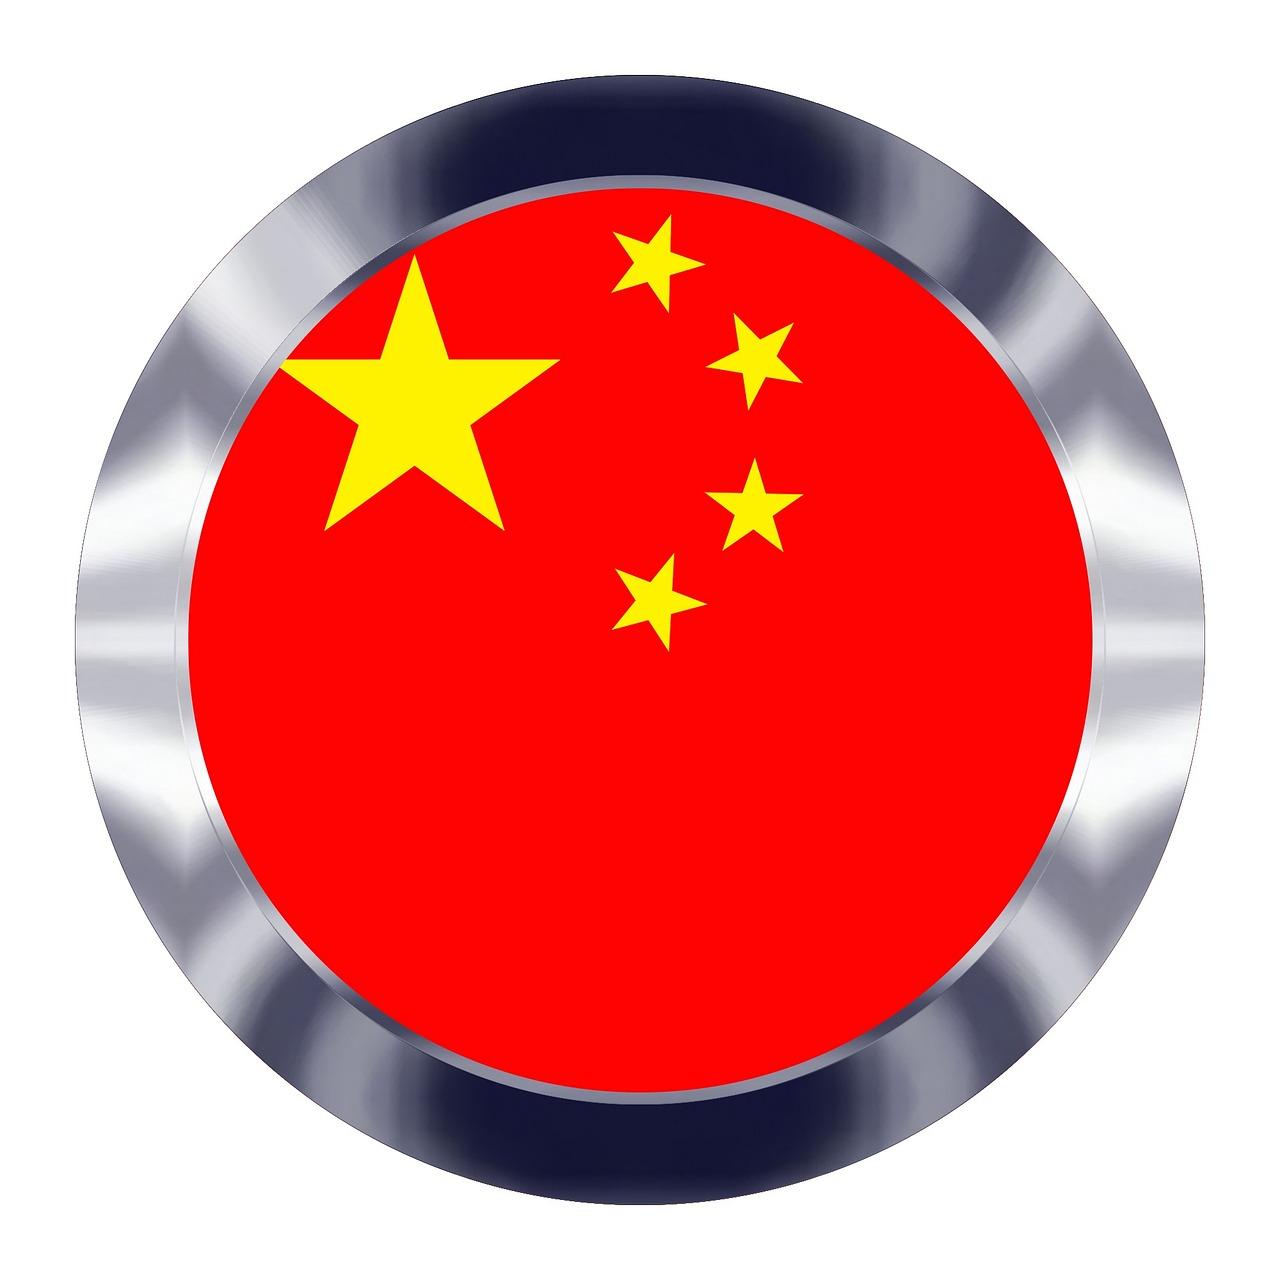 всей фото китайского флага следует